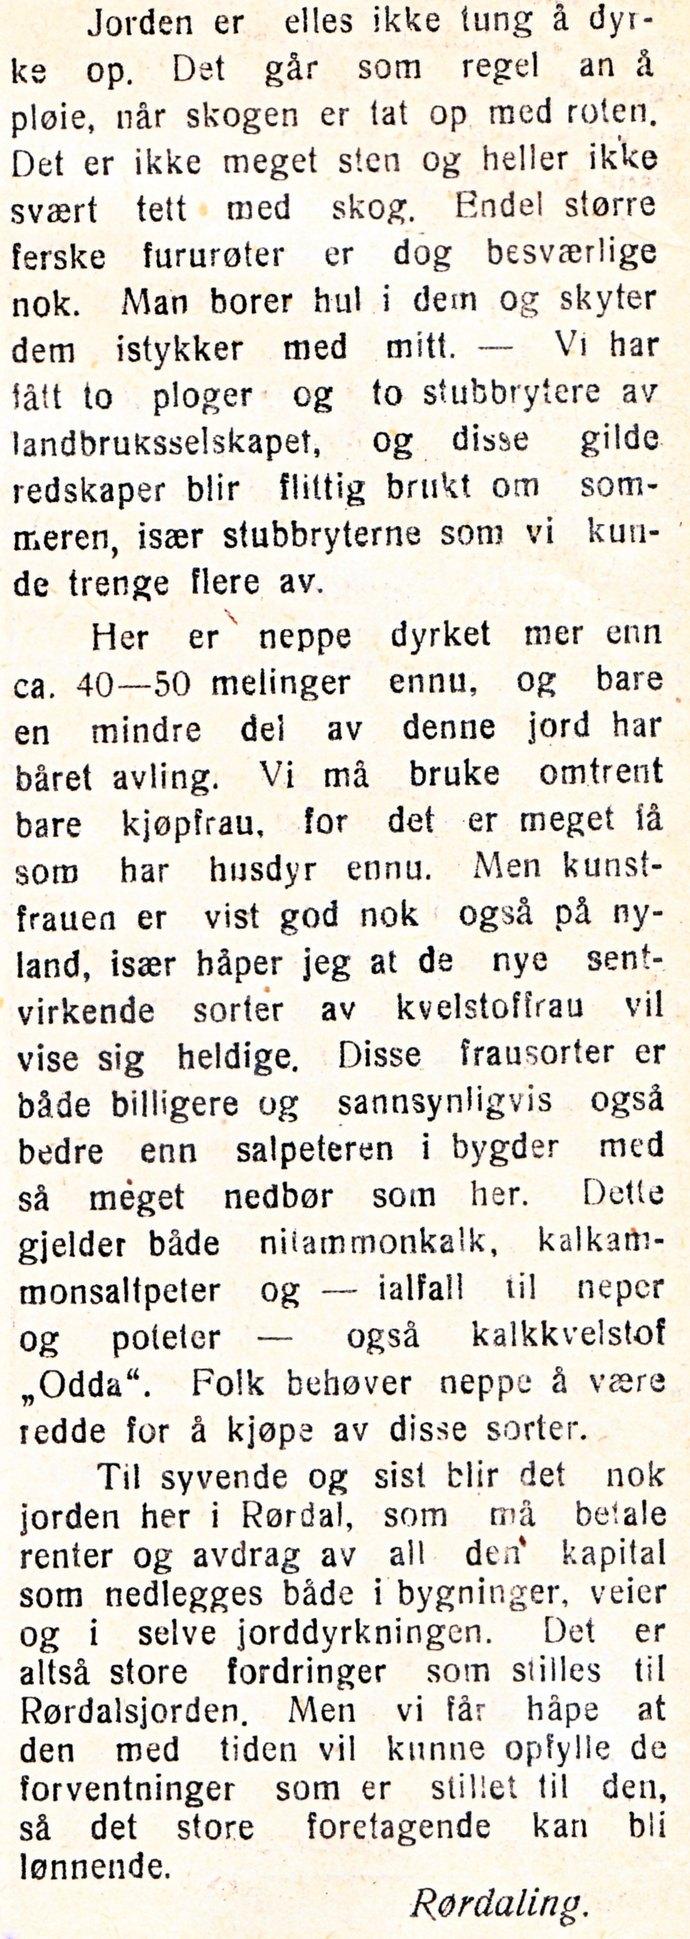 Rørdalen 4_690x1939.jpg